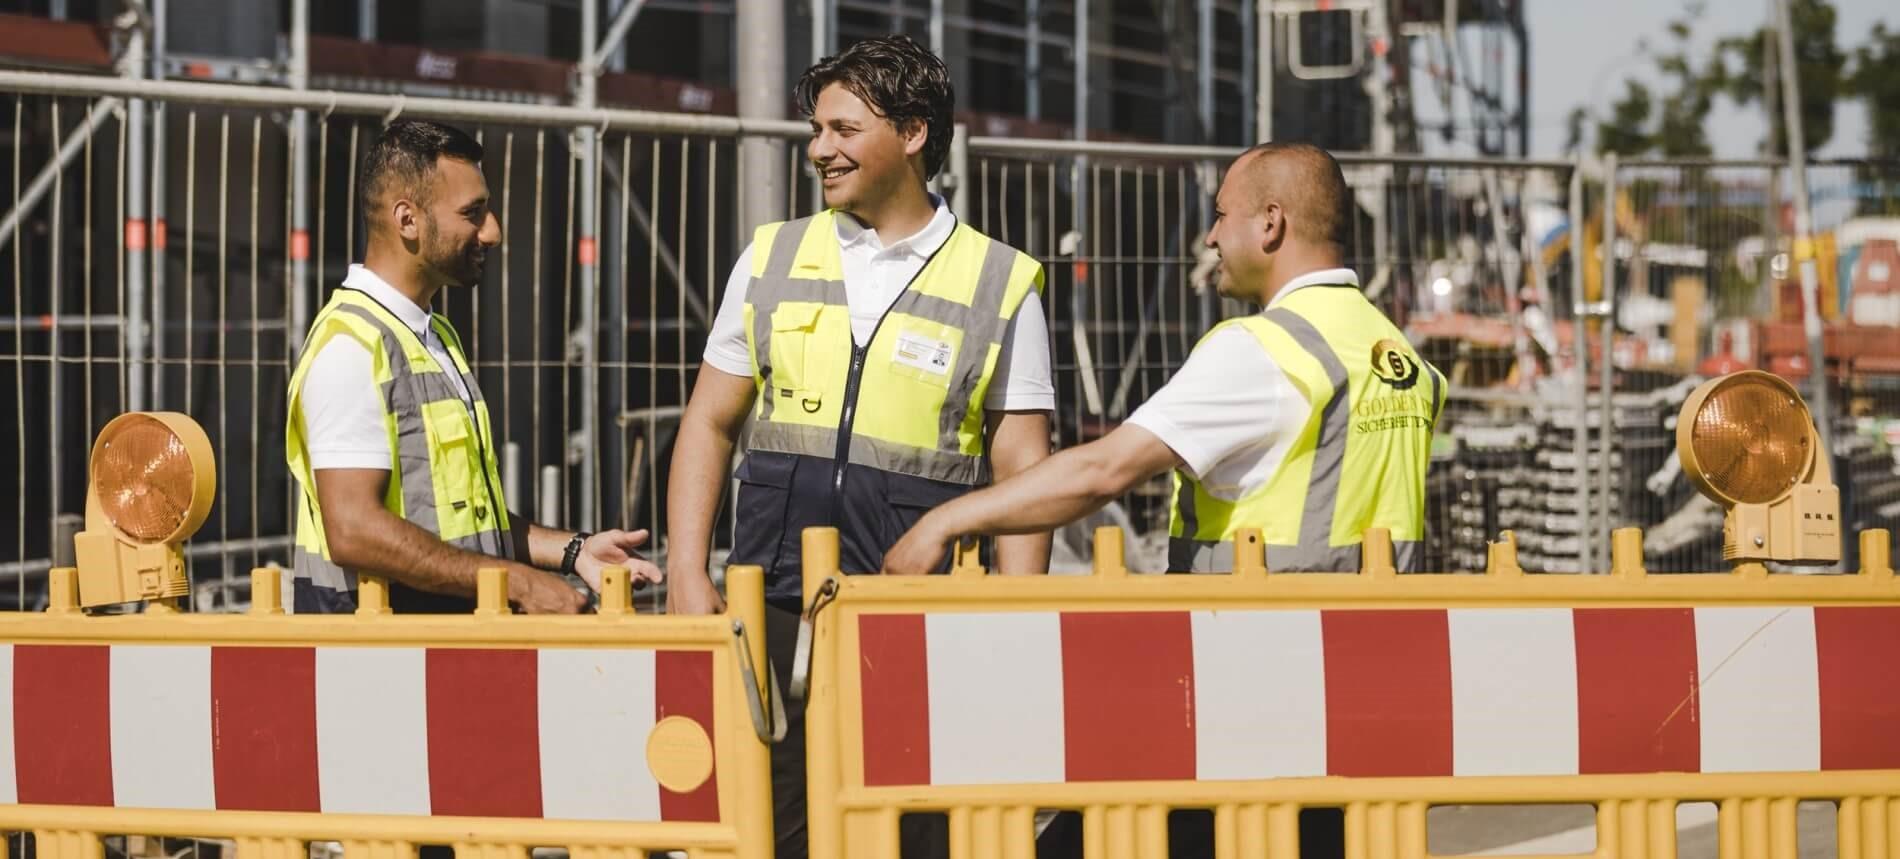 Sicherheitsdienst Limburg